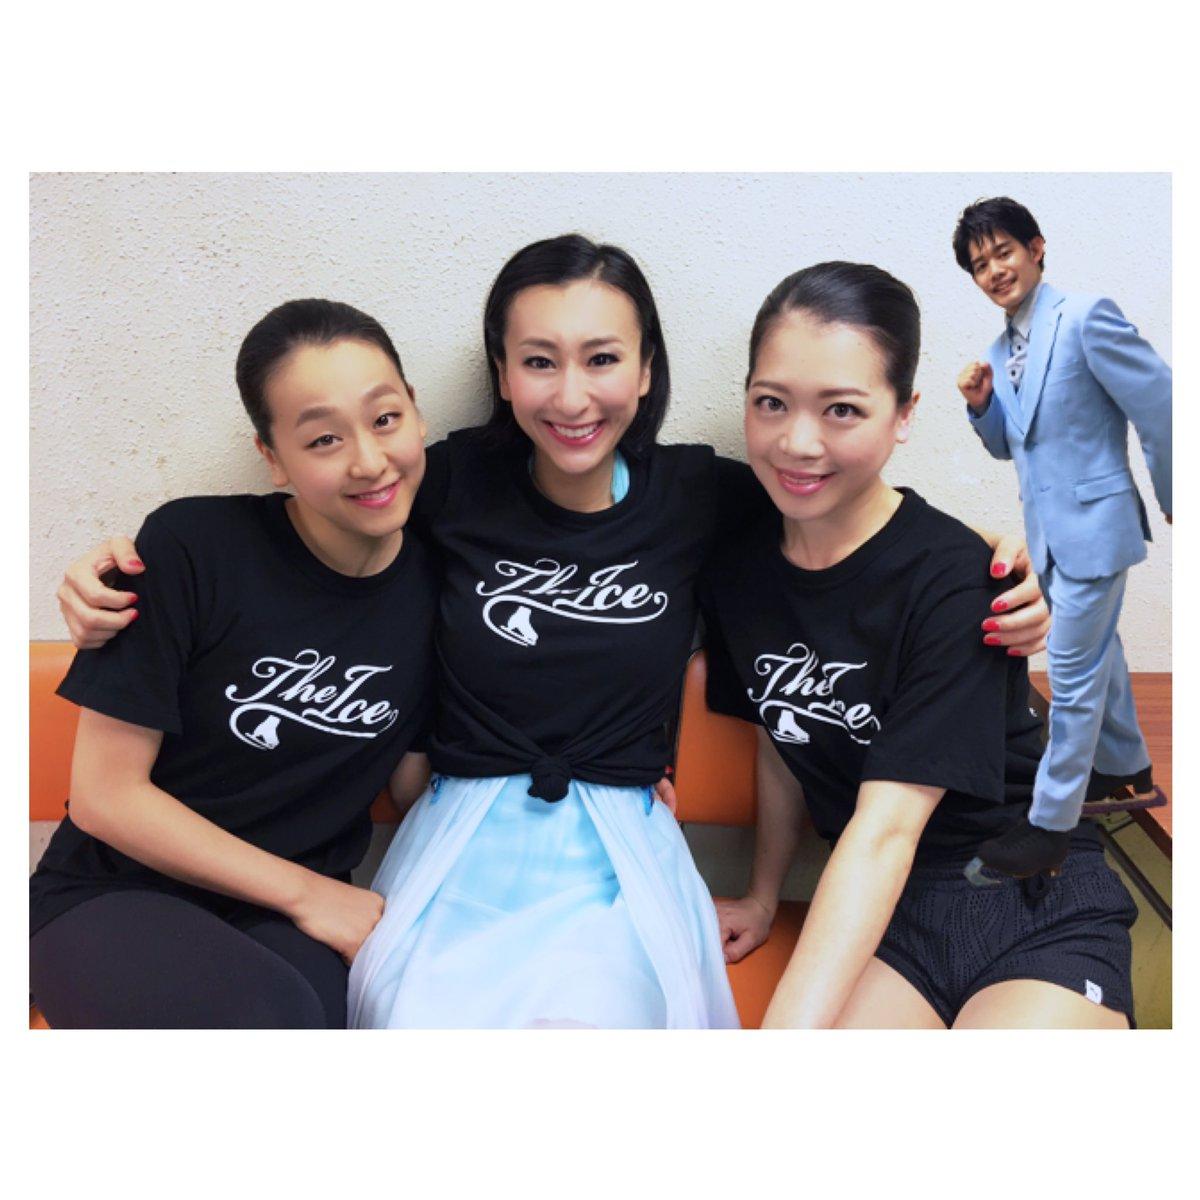 浅田舞が公開したザ・アイスメンバーの仲良し写真に小塚崇彦の加工画像が掲載される